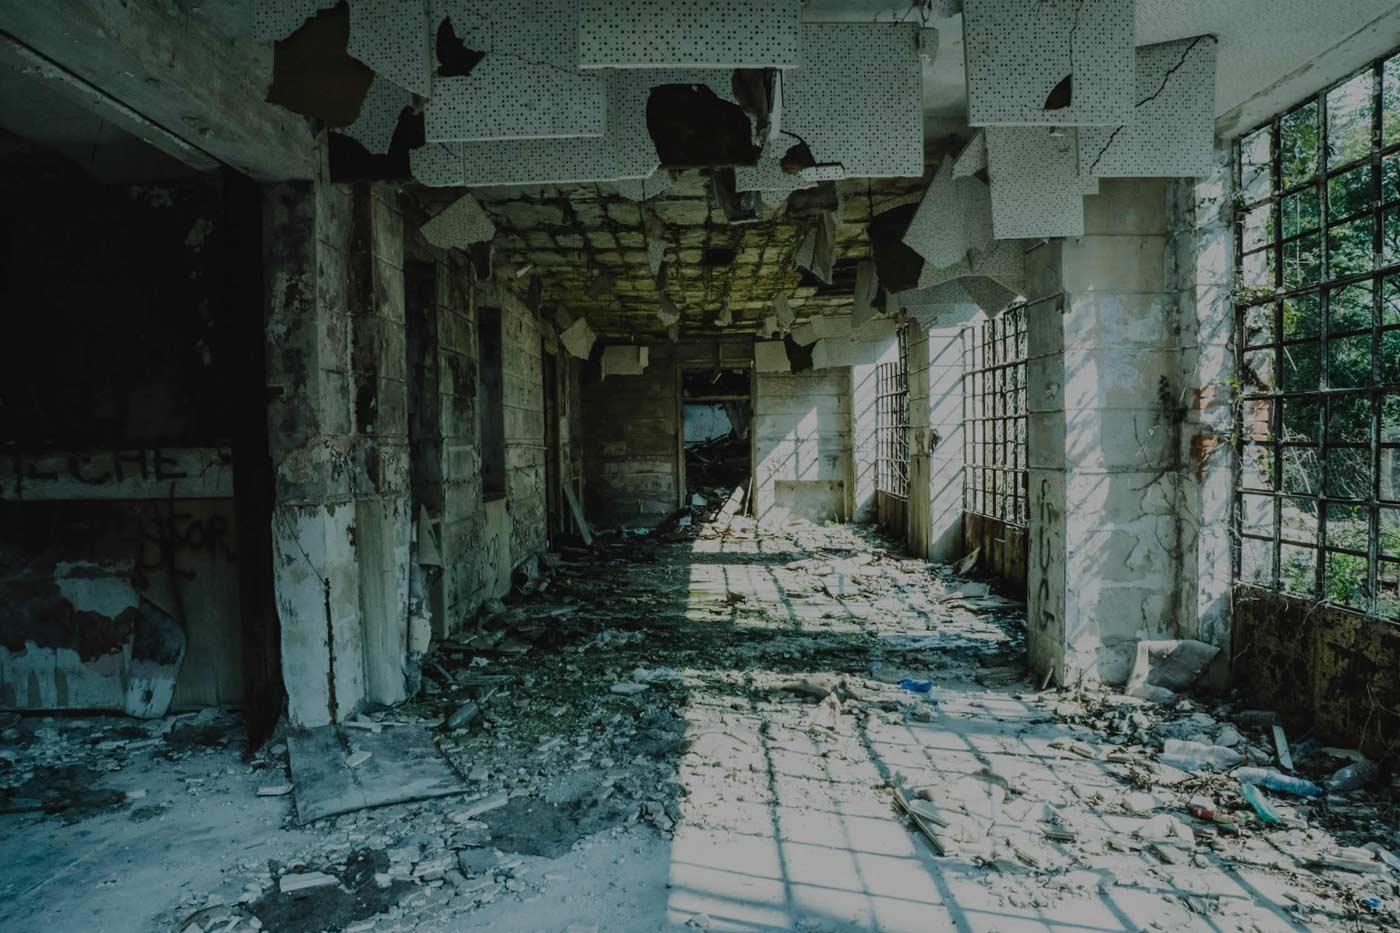 Ripristino e bonifica proprietà abbandonate